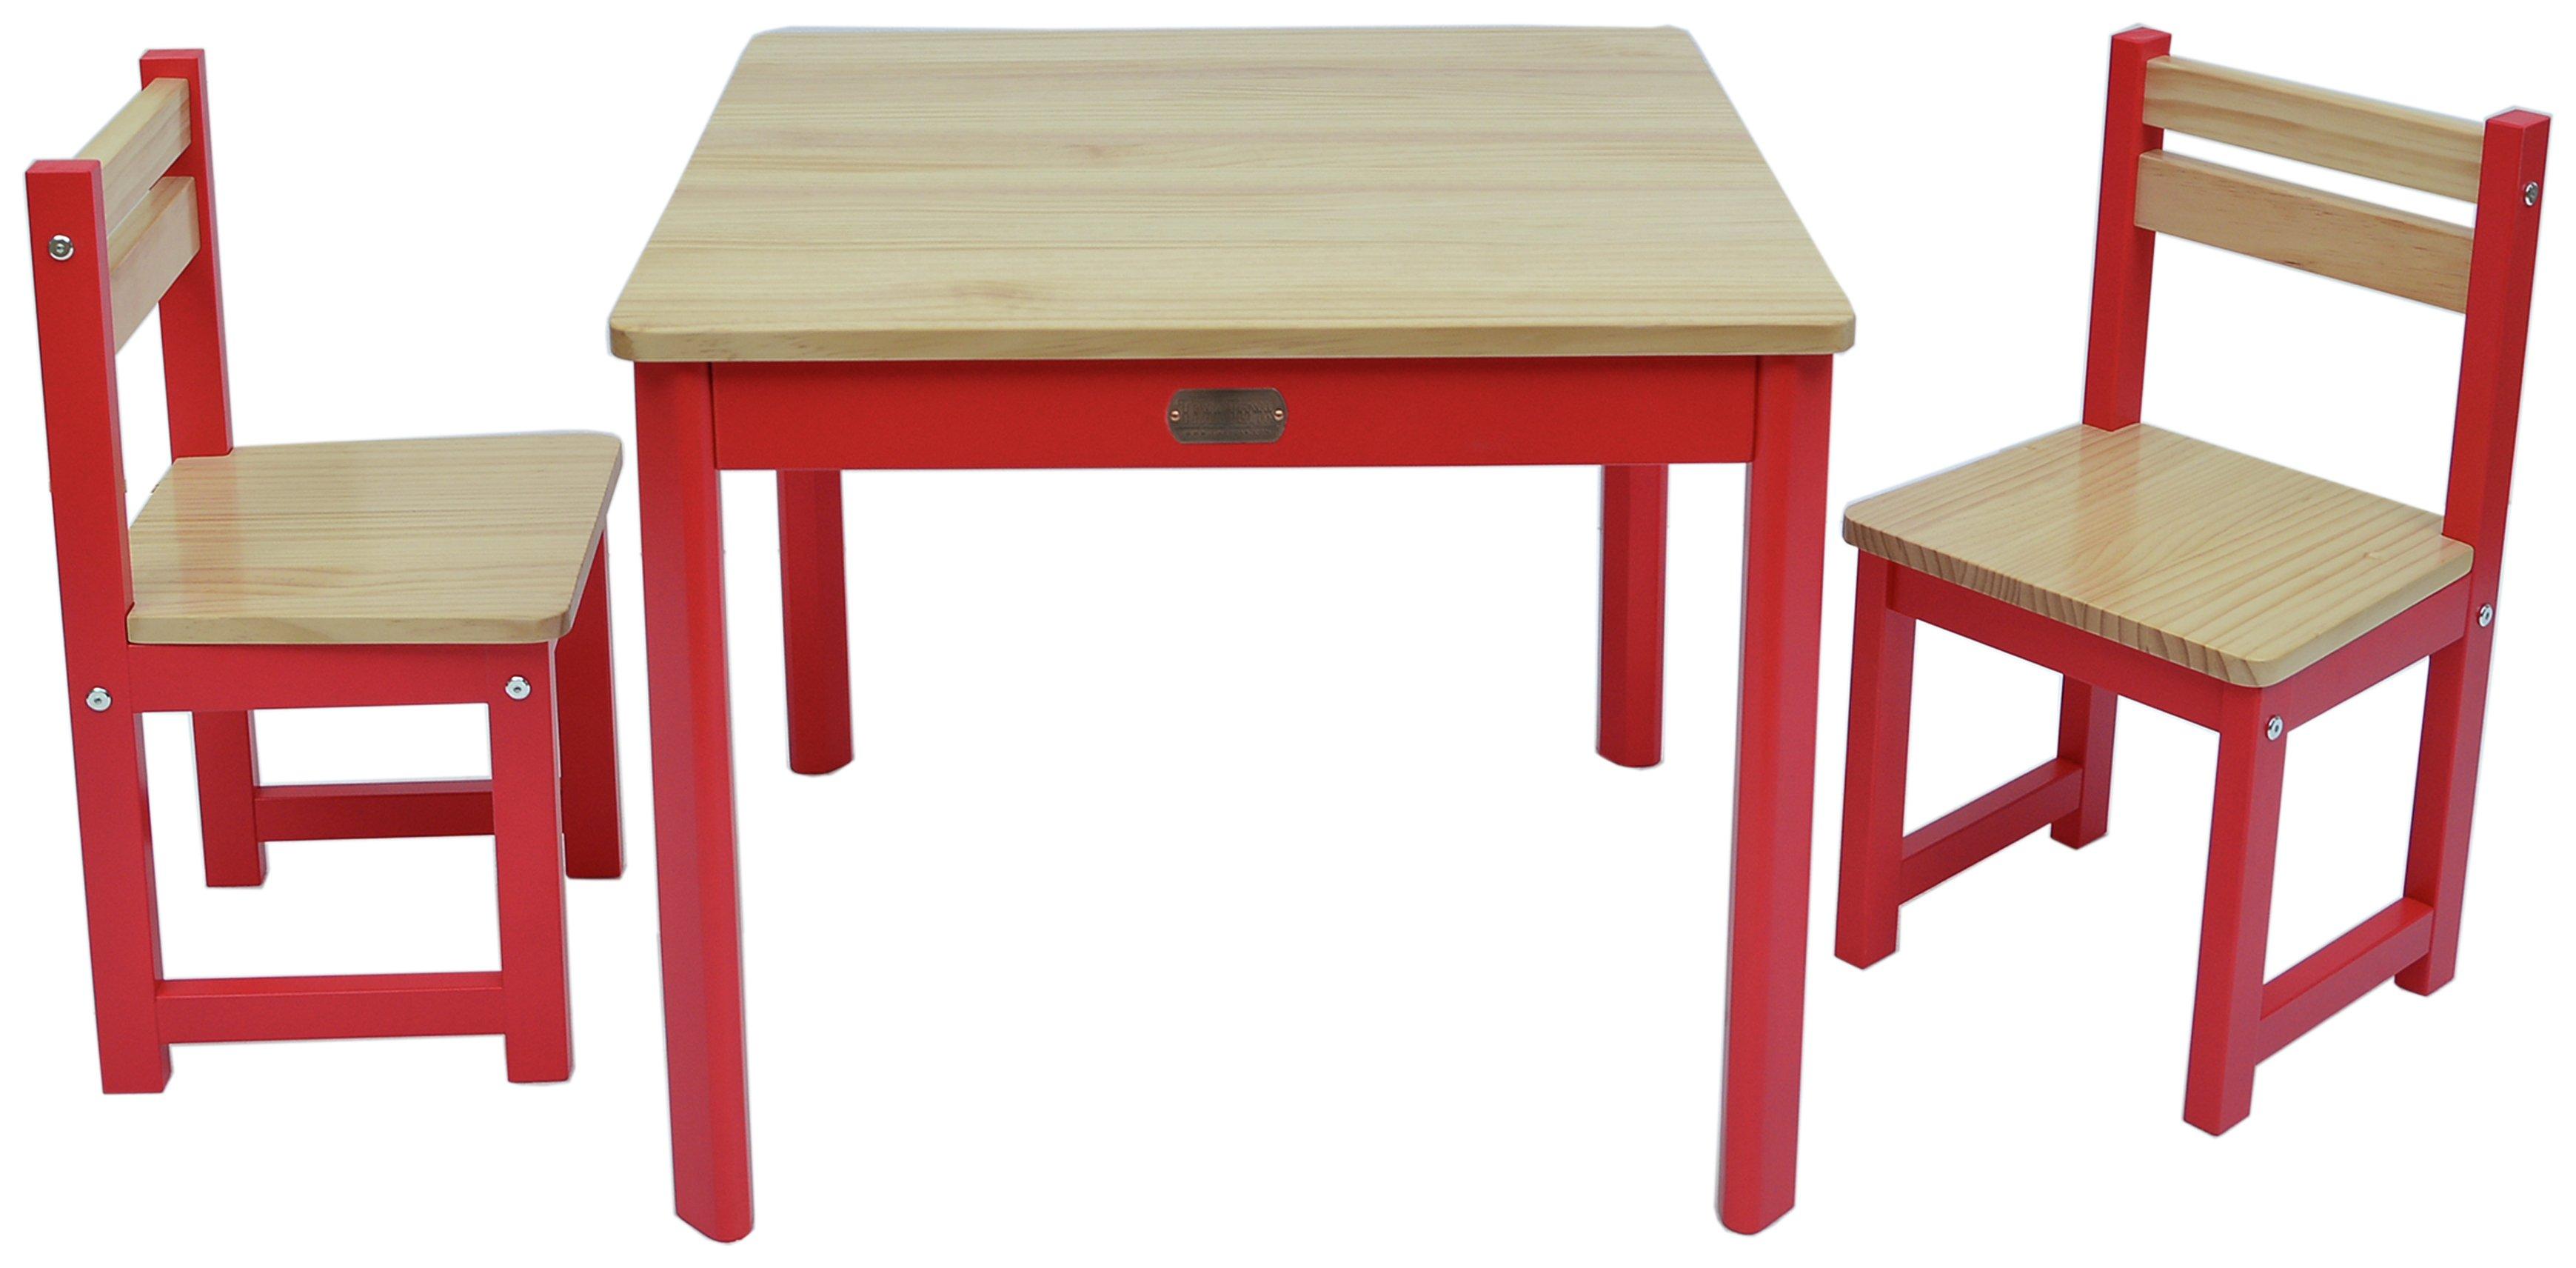 tikk-tokk-boss-wooden-nursery-table-chairs-set-red